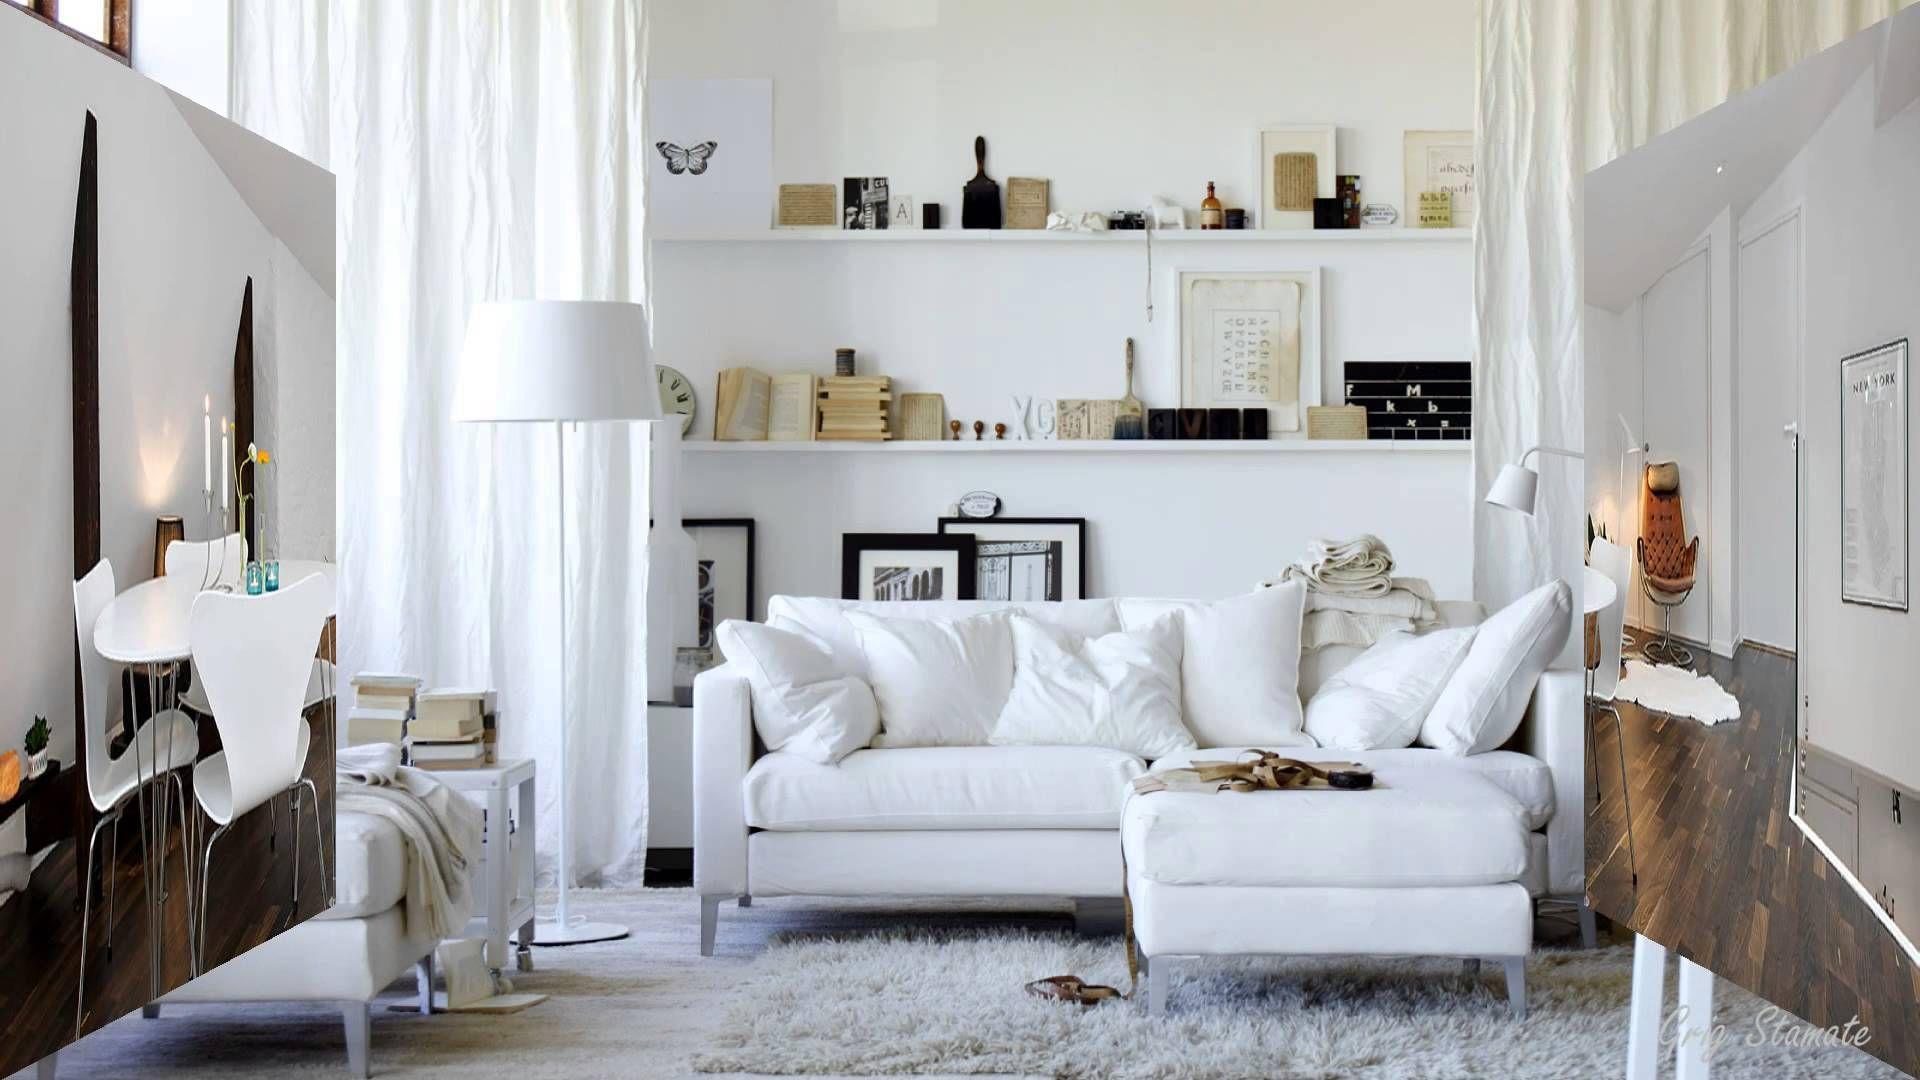 Interiors Swedish Interior Design Ideas Decor